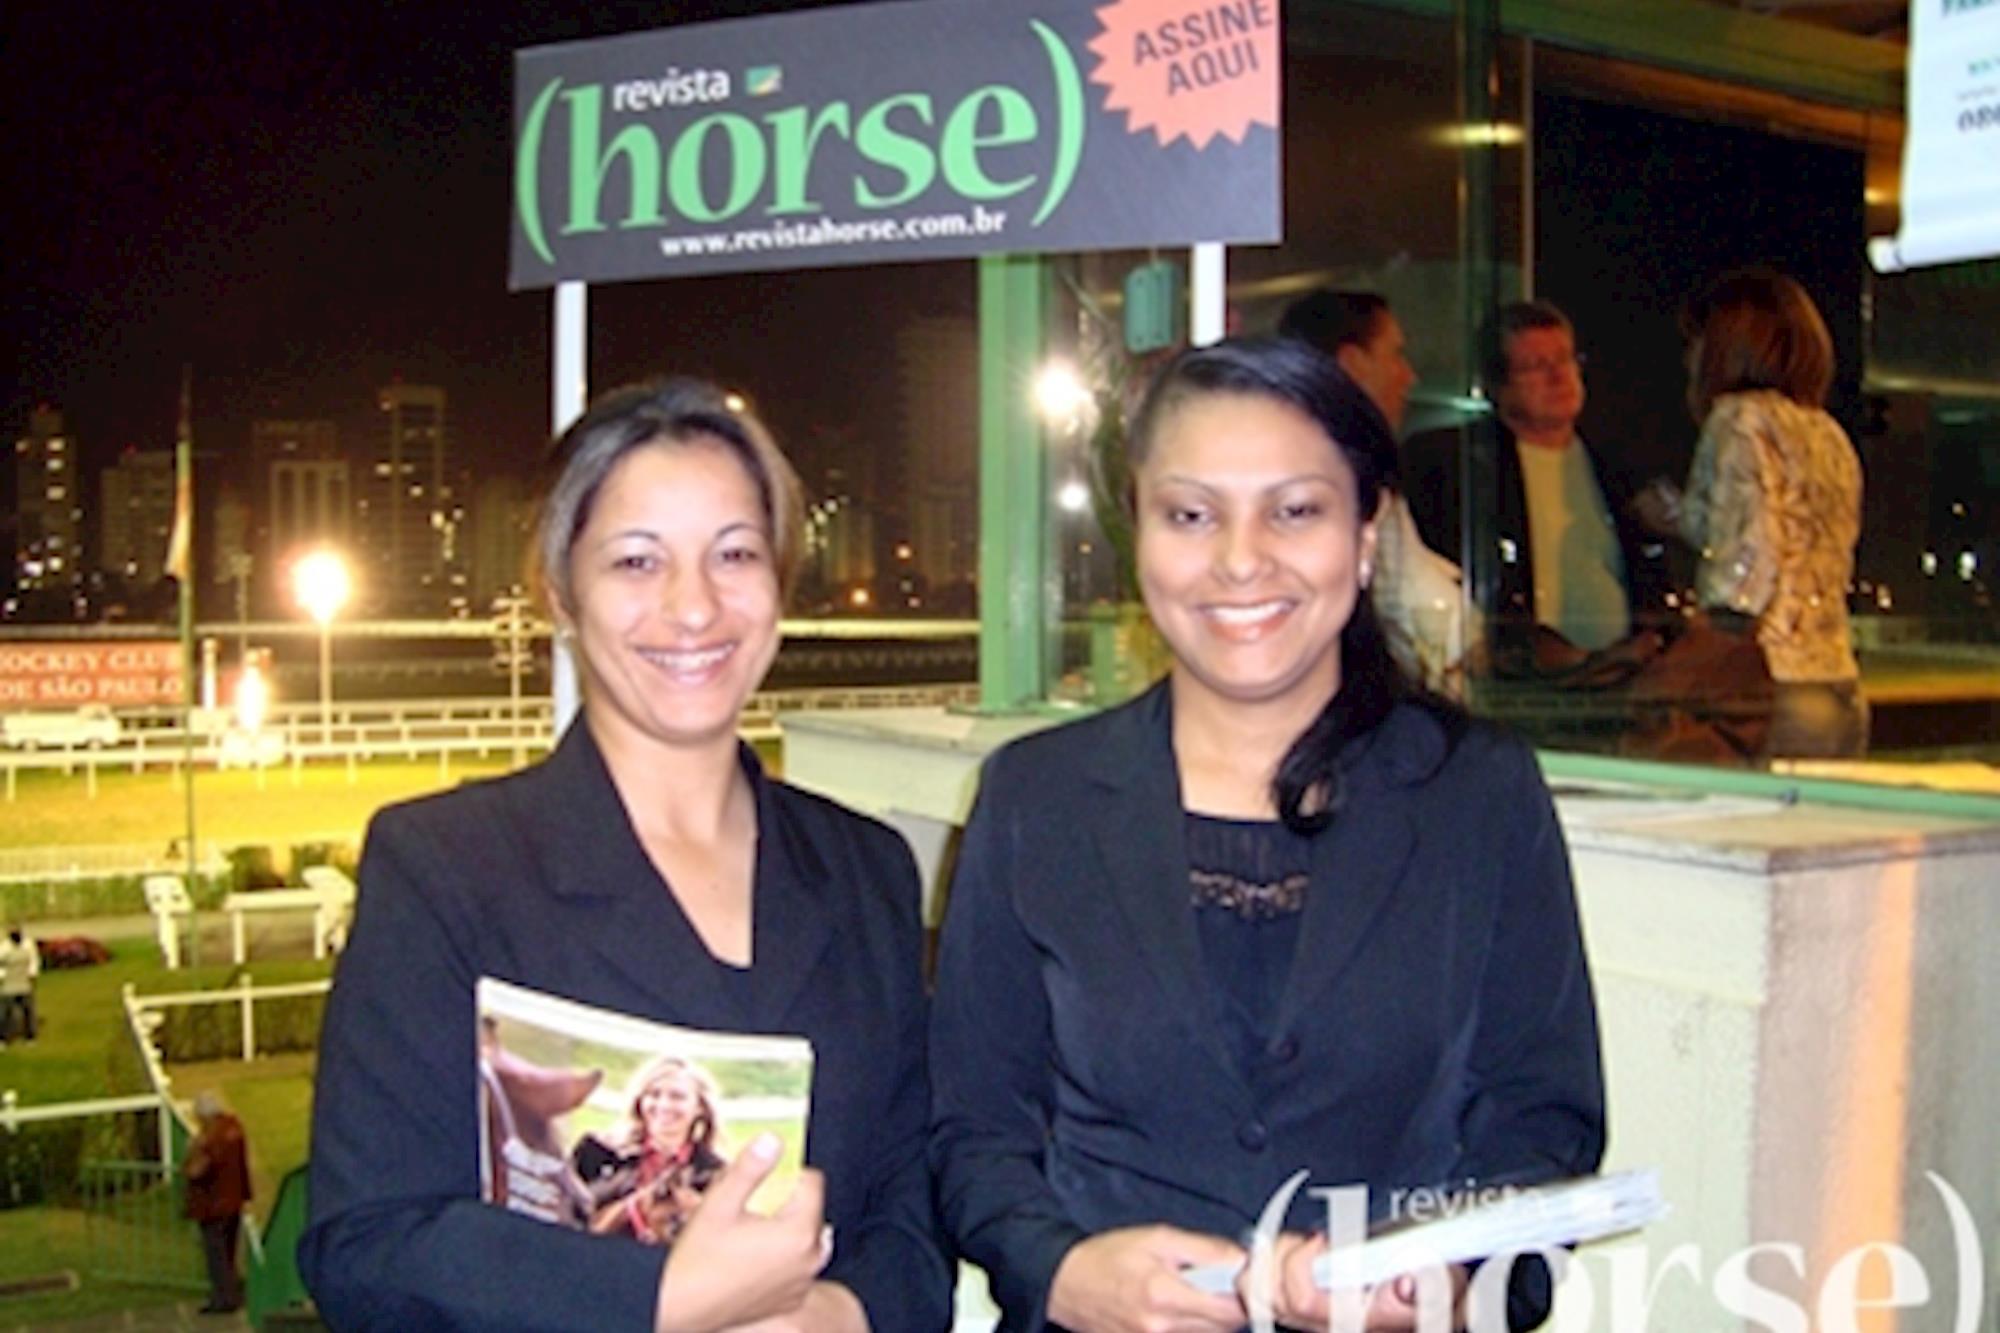 Lançamento da Revista Horse